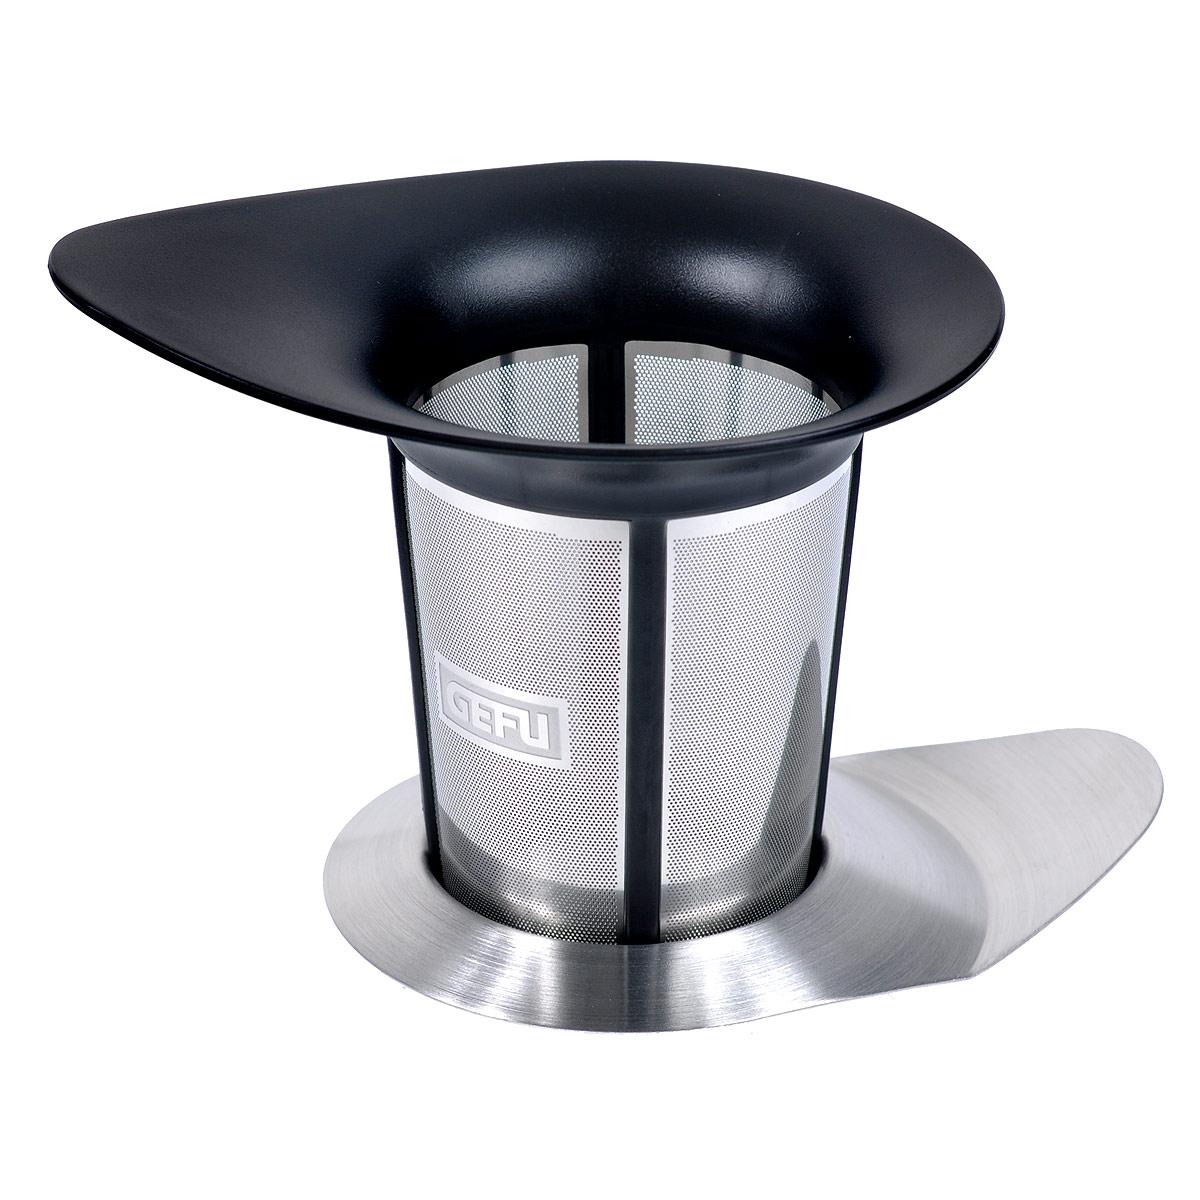 Сито для заваривания чая Gefu АрмониаVT-1520(SR)Сито Gefu Армониа, выполненное из высококачественного пластика черного цвета и нержавеющей стали прекрасно подойдет для заваривания чая прям в чашке. Насладитесь неповторимой чайной церемонией, используя фильтр Армониа, который можно поместить в чашку или в чайник. Несмотря на большой объем, Армониа обеспечивает насыщенный аромат и прекрасный вкус, так как имеет особую структуру микрофильтрации. Любители чая непременно оценят изящную и функциональную крышку из нержавеющей стали, которая сохранит аромат, а так же пригодится как подставка, на которую можно поместить фильтр после использования.Можно мыть в посудомоечной машине. Характеристики:Материал: высококачественный пластик, нержавеющая сталь. Размер сито: 12 см х9 см х 9,3 см. Размер крышки: 11,5 см х 8 см х 1 см. Цвет: серебристый, черный. Артикул: 12900.